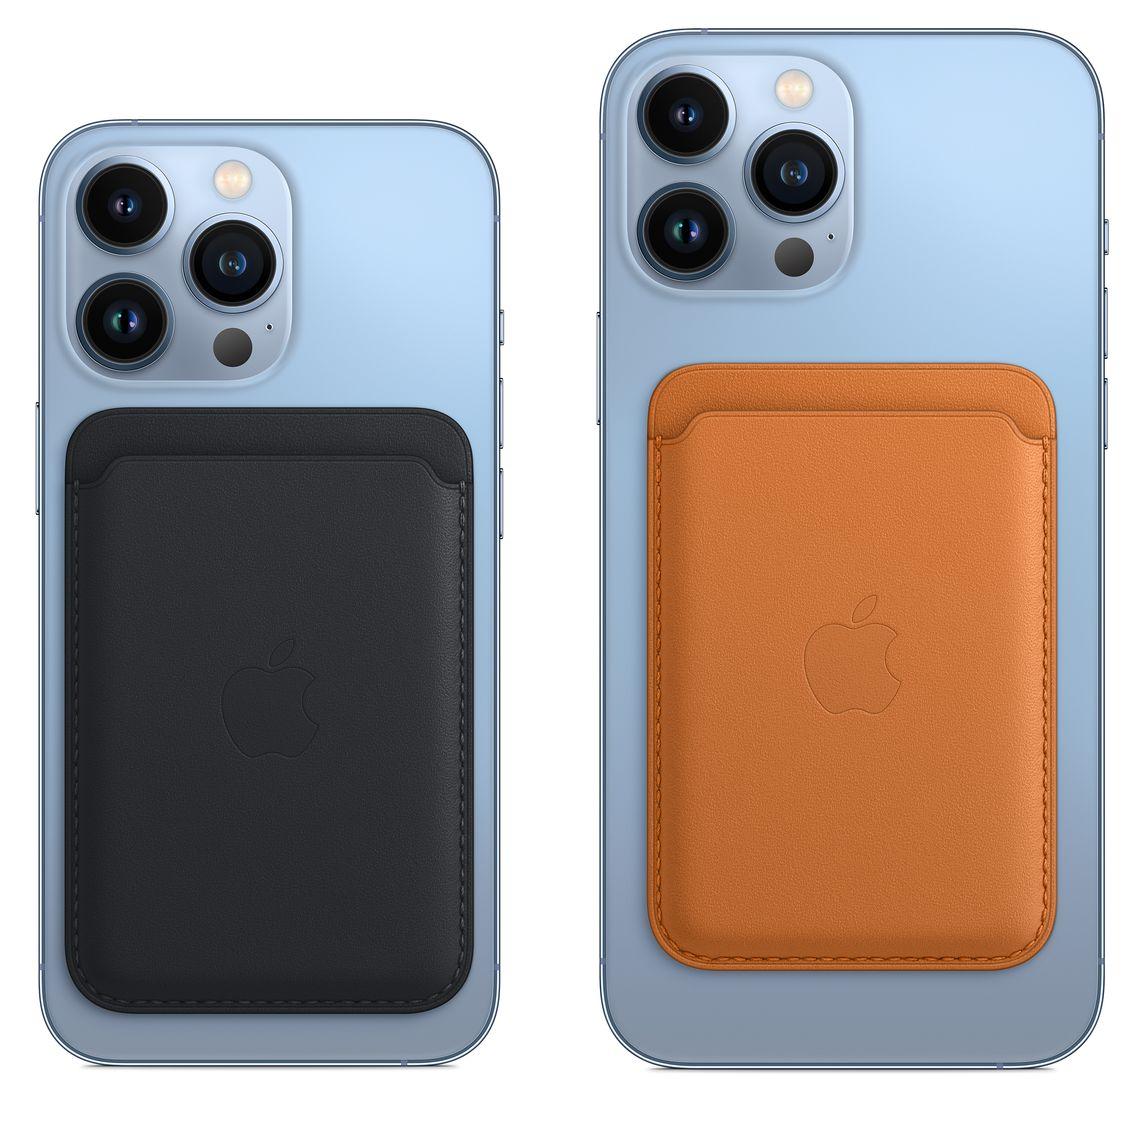 Nahkalompakko iPhone 13 Pron ja iPhone 13 Pro Maxin kanssa.